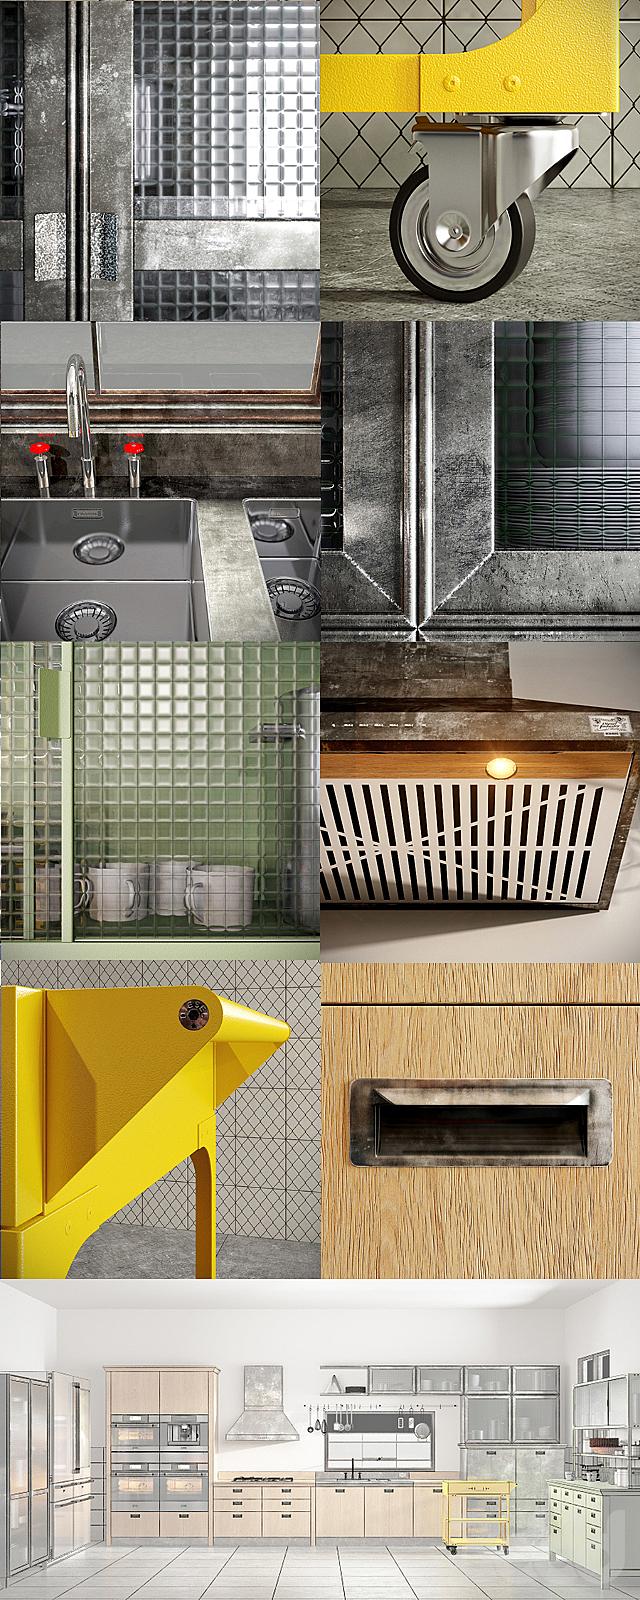 Scavolini diesel social kitchen 001